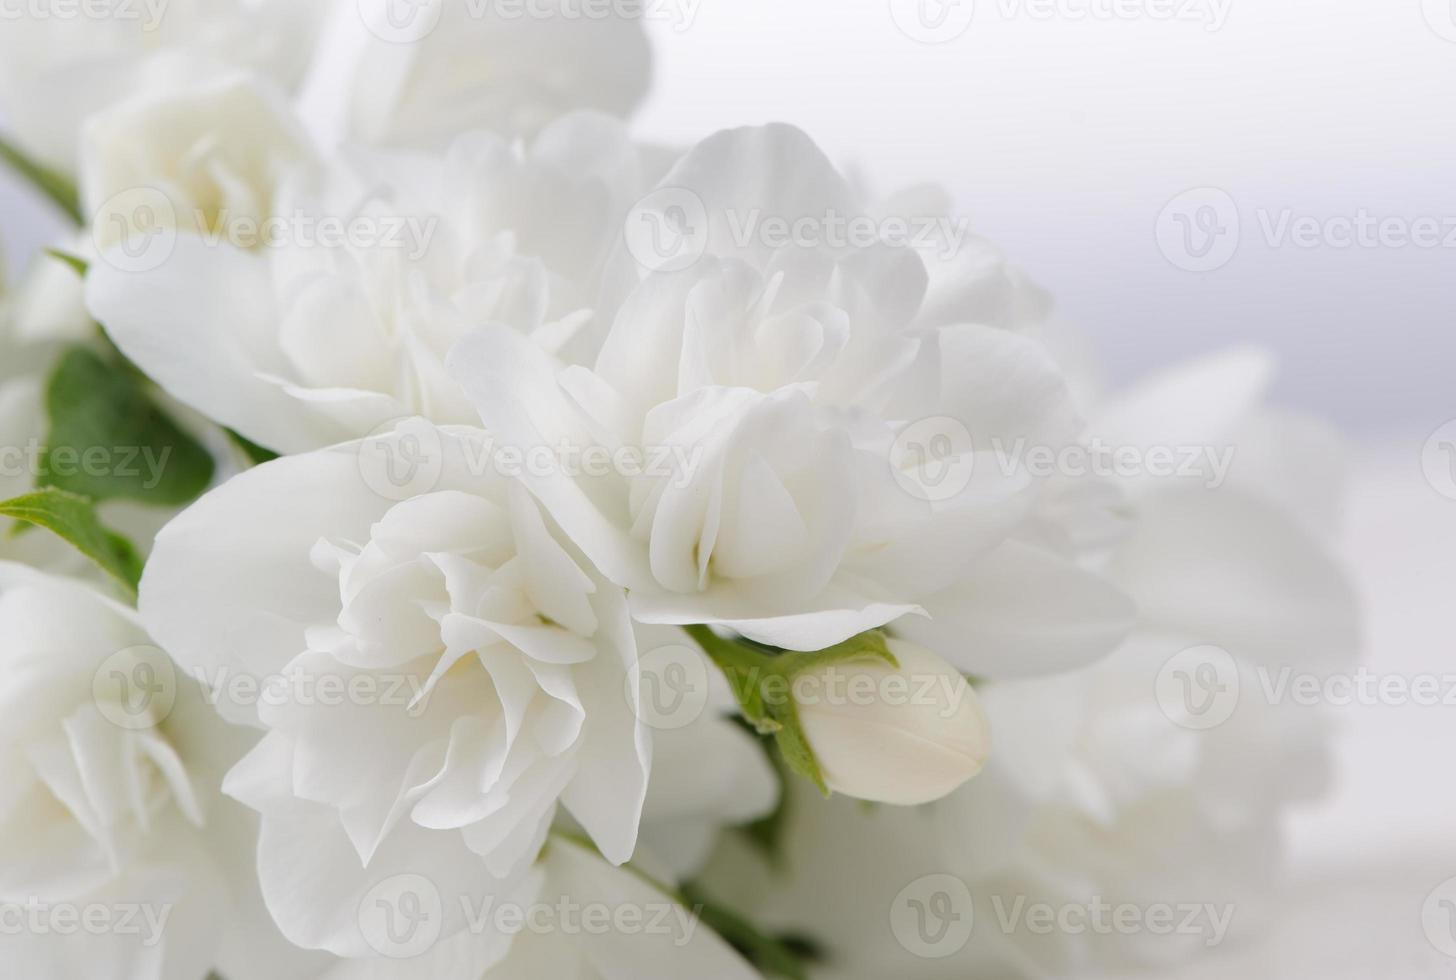 Gros plan de fleurs de jasmin blanc avec copie espace photo